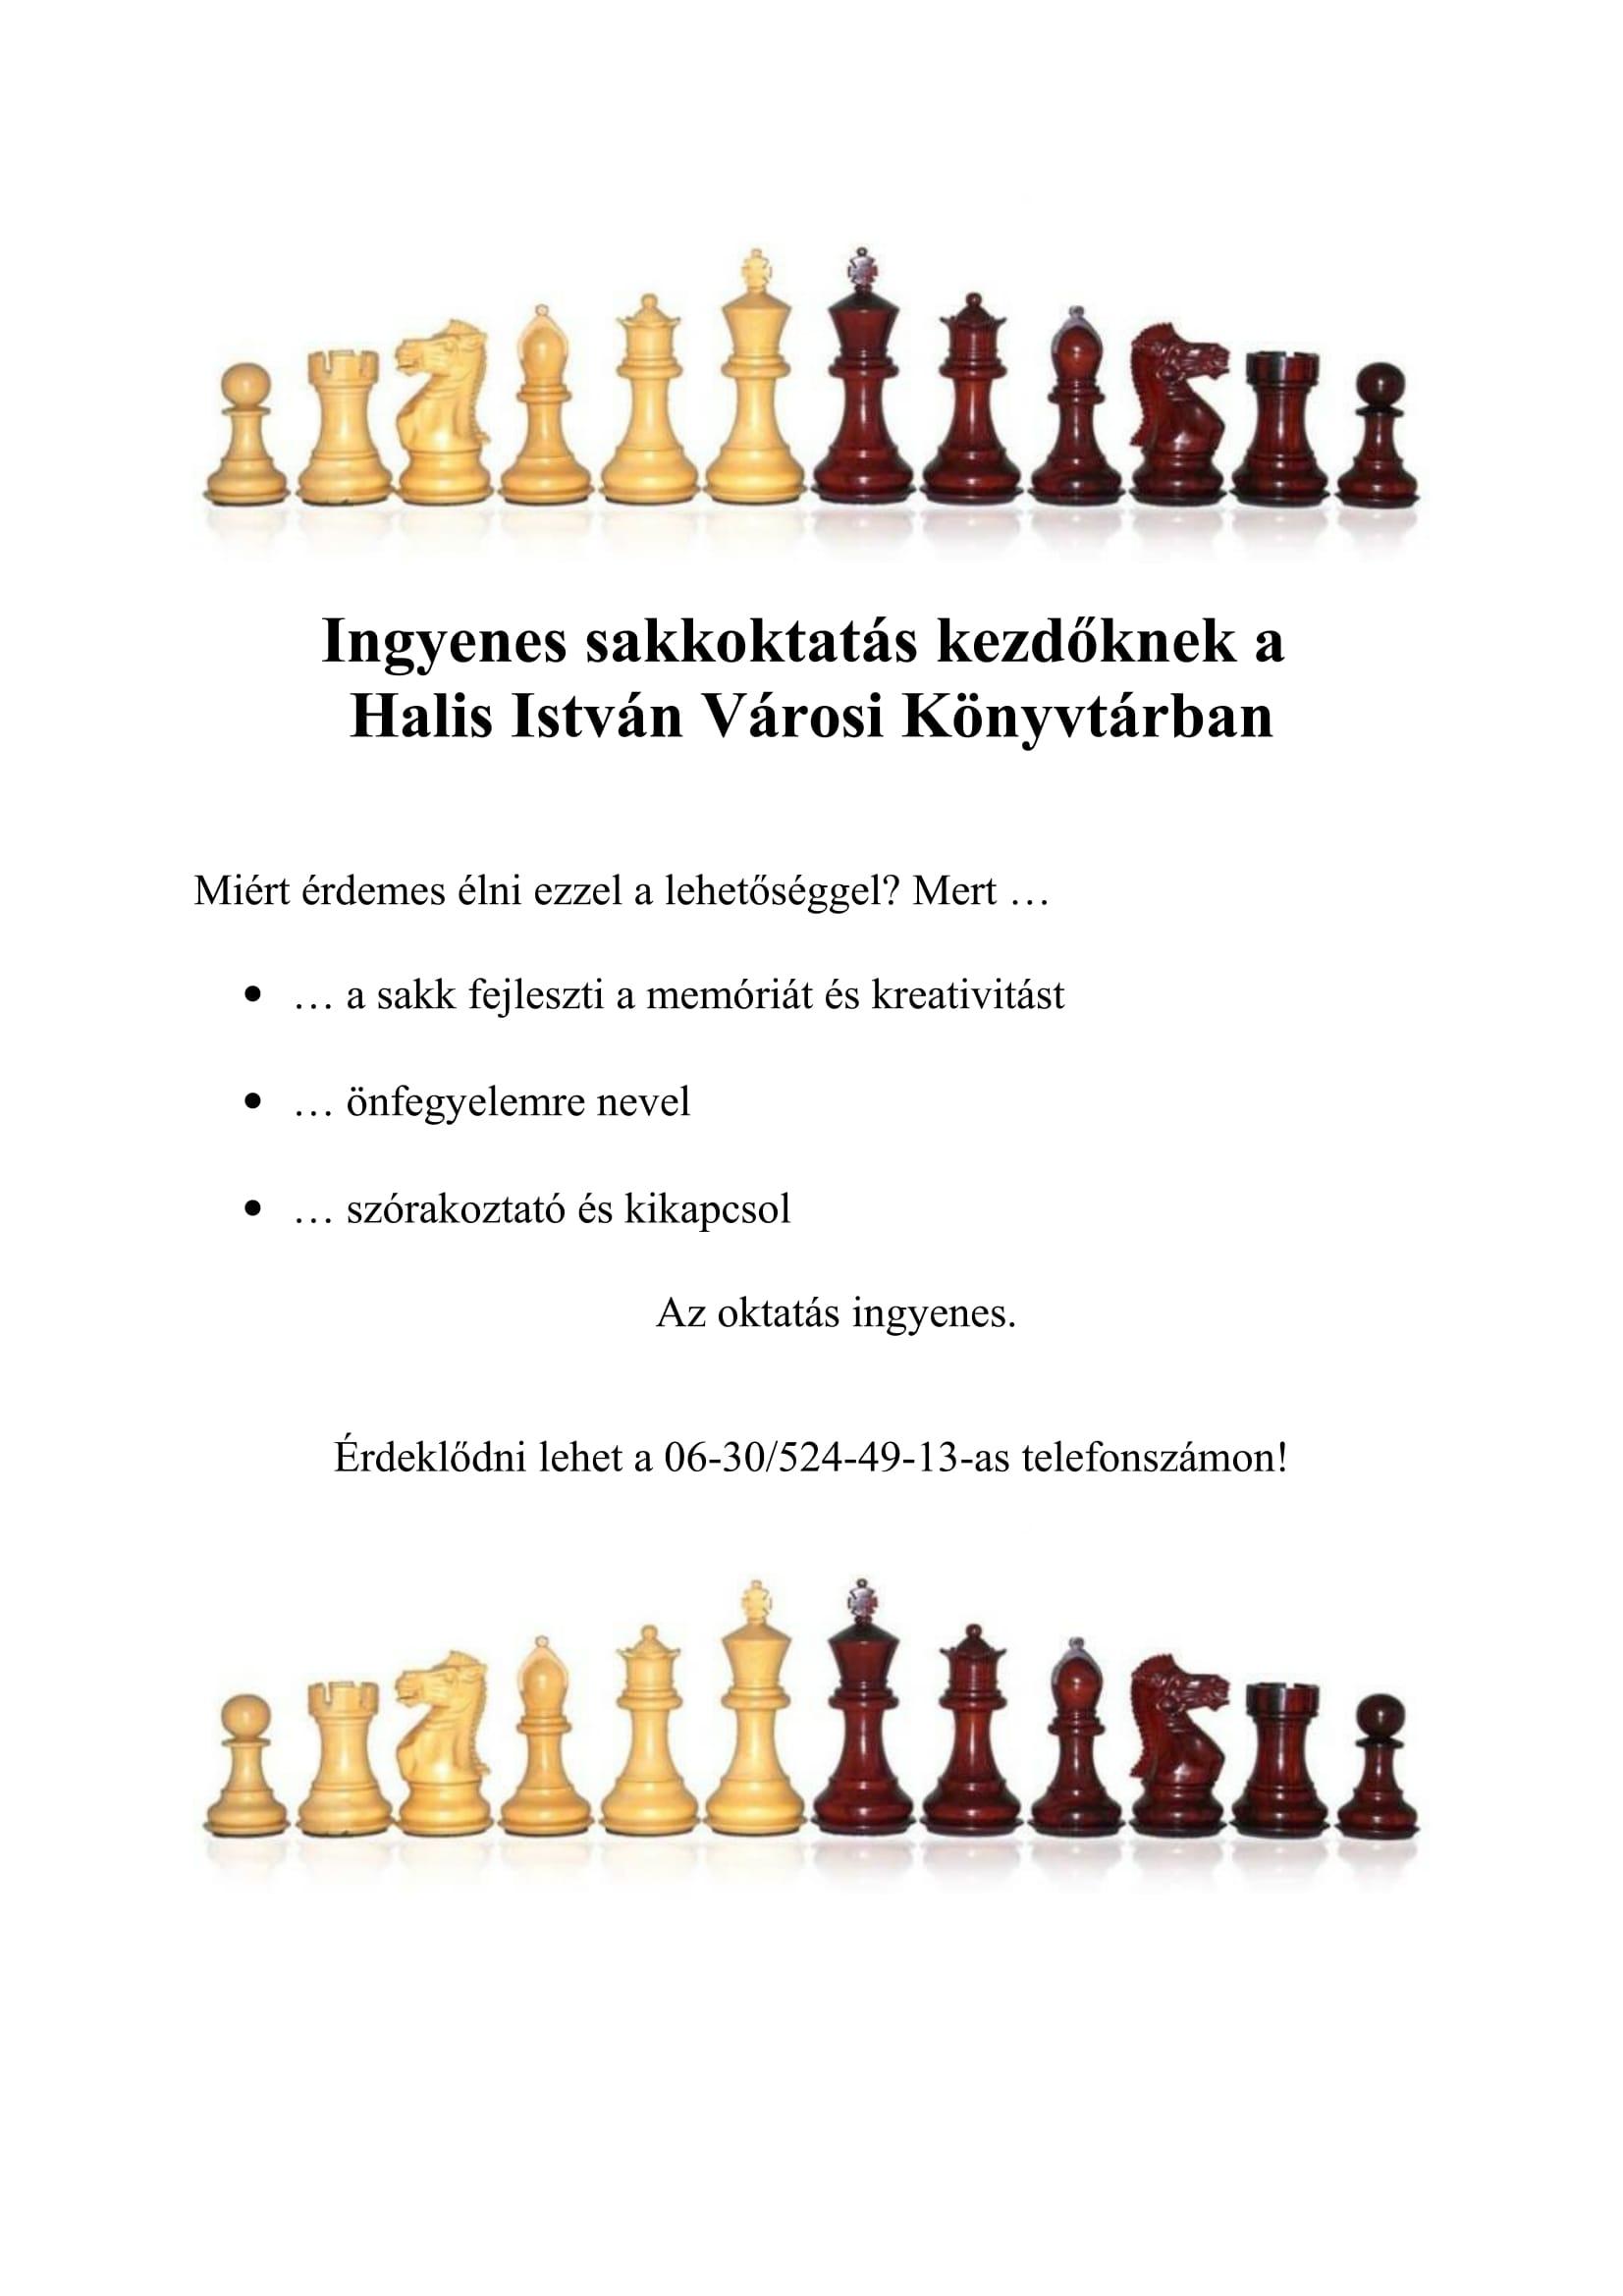 Ingyen sakkoktatás a könyvtárban